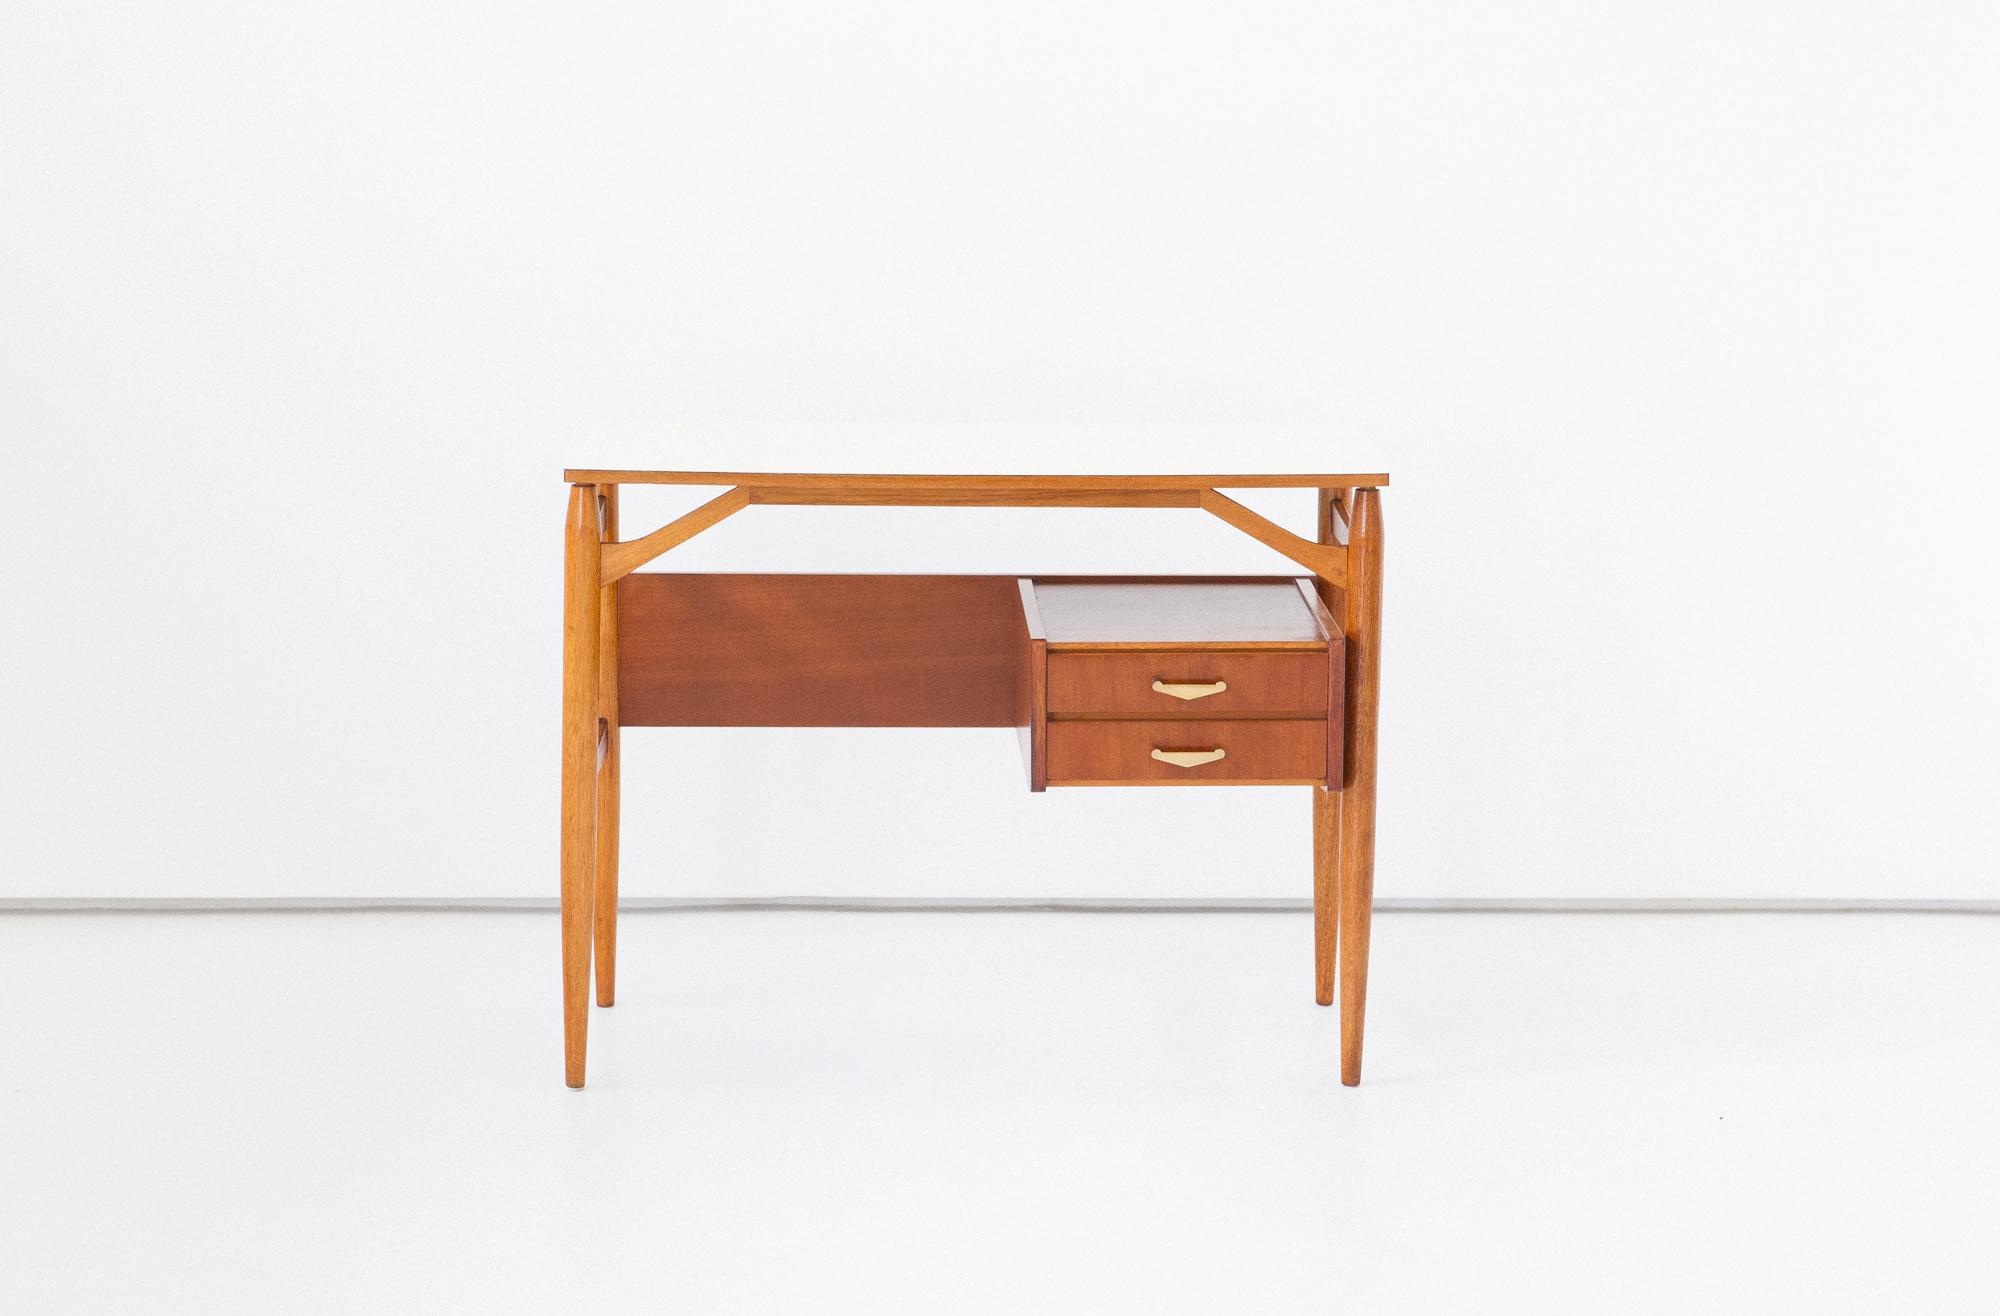 1950s-italian-little-desk-3-DT31